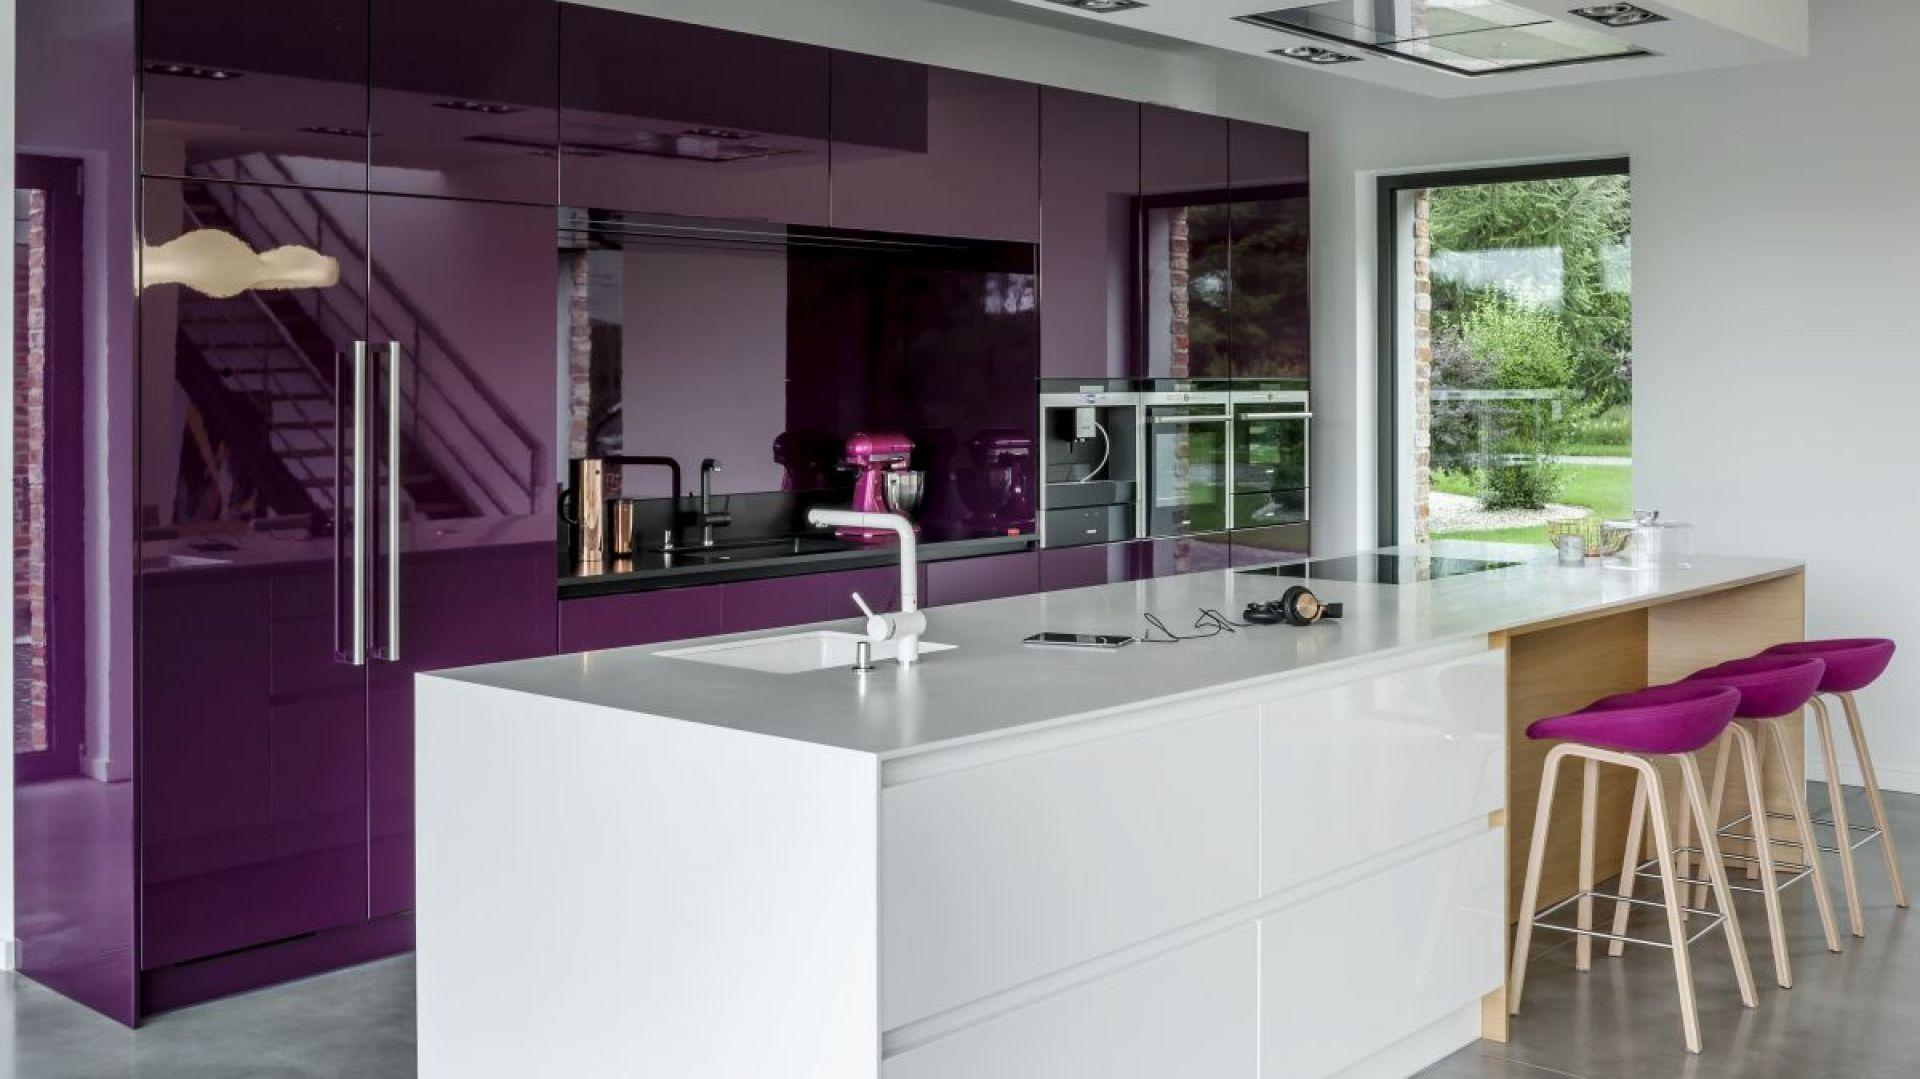 Fiolet pobudza apetyt. To dobra barwa, jeśli w kuchni jadamy również posiłki. Fot. Zajc Kuchnie